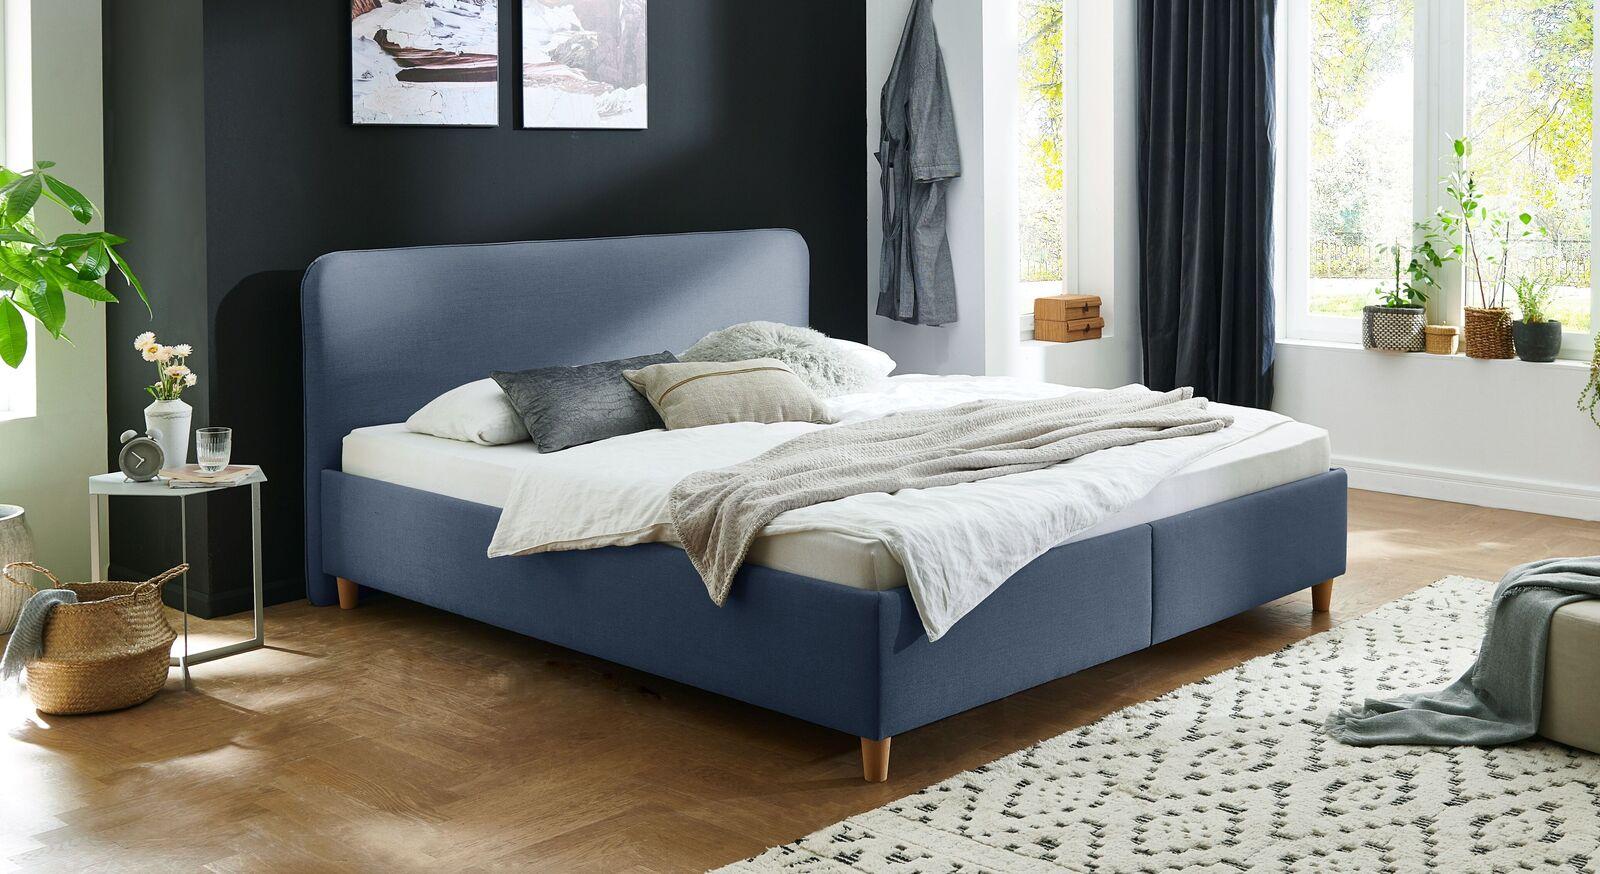 Bett Kannur mit hochwertigem Webstoff in Blau